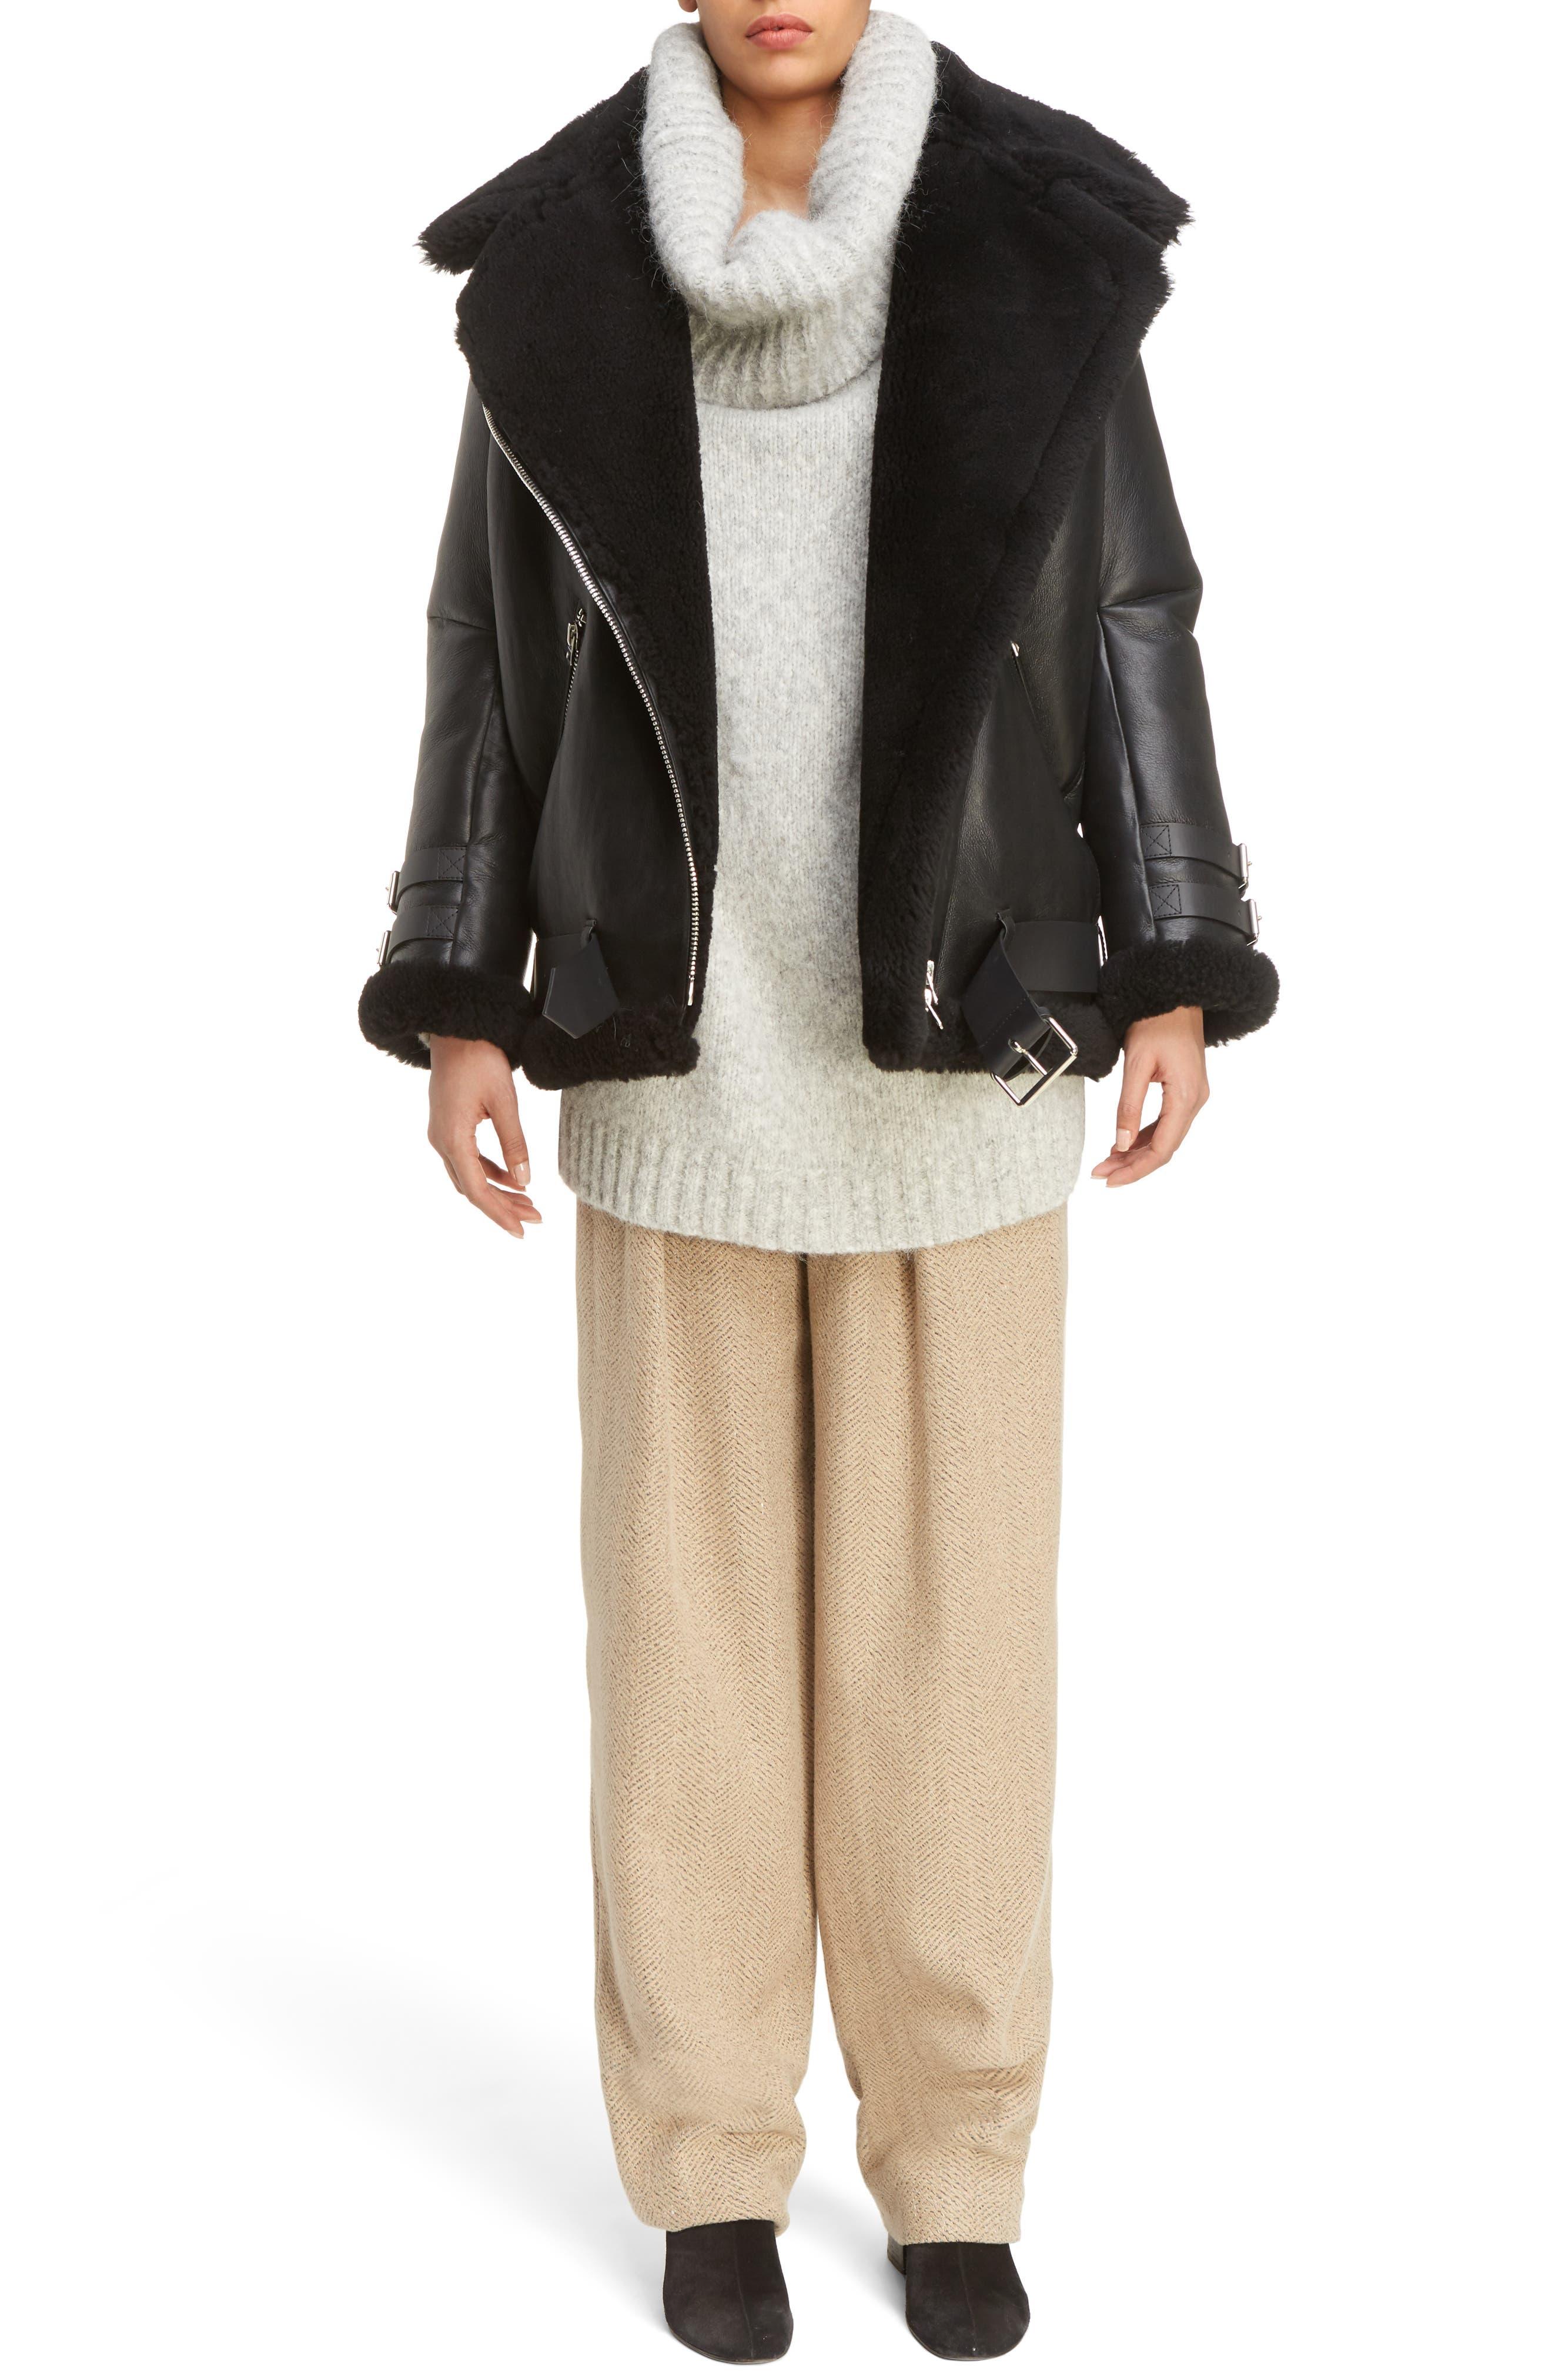 ACNE Studios Velocite Genuine Shearling Oversize Moto Jacket